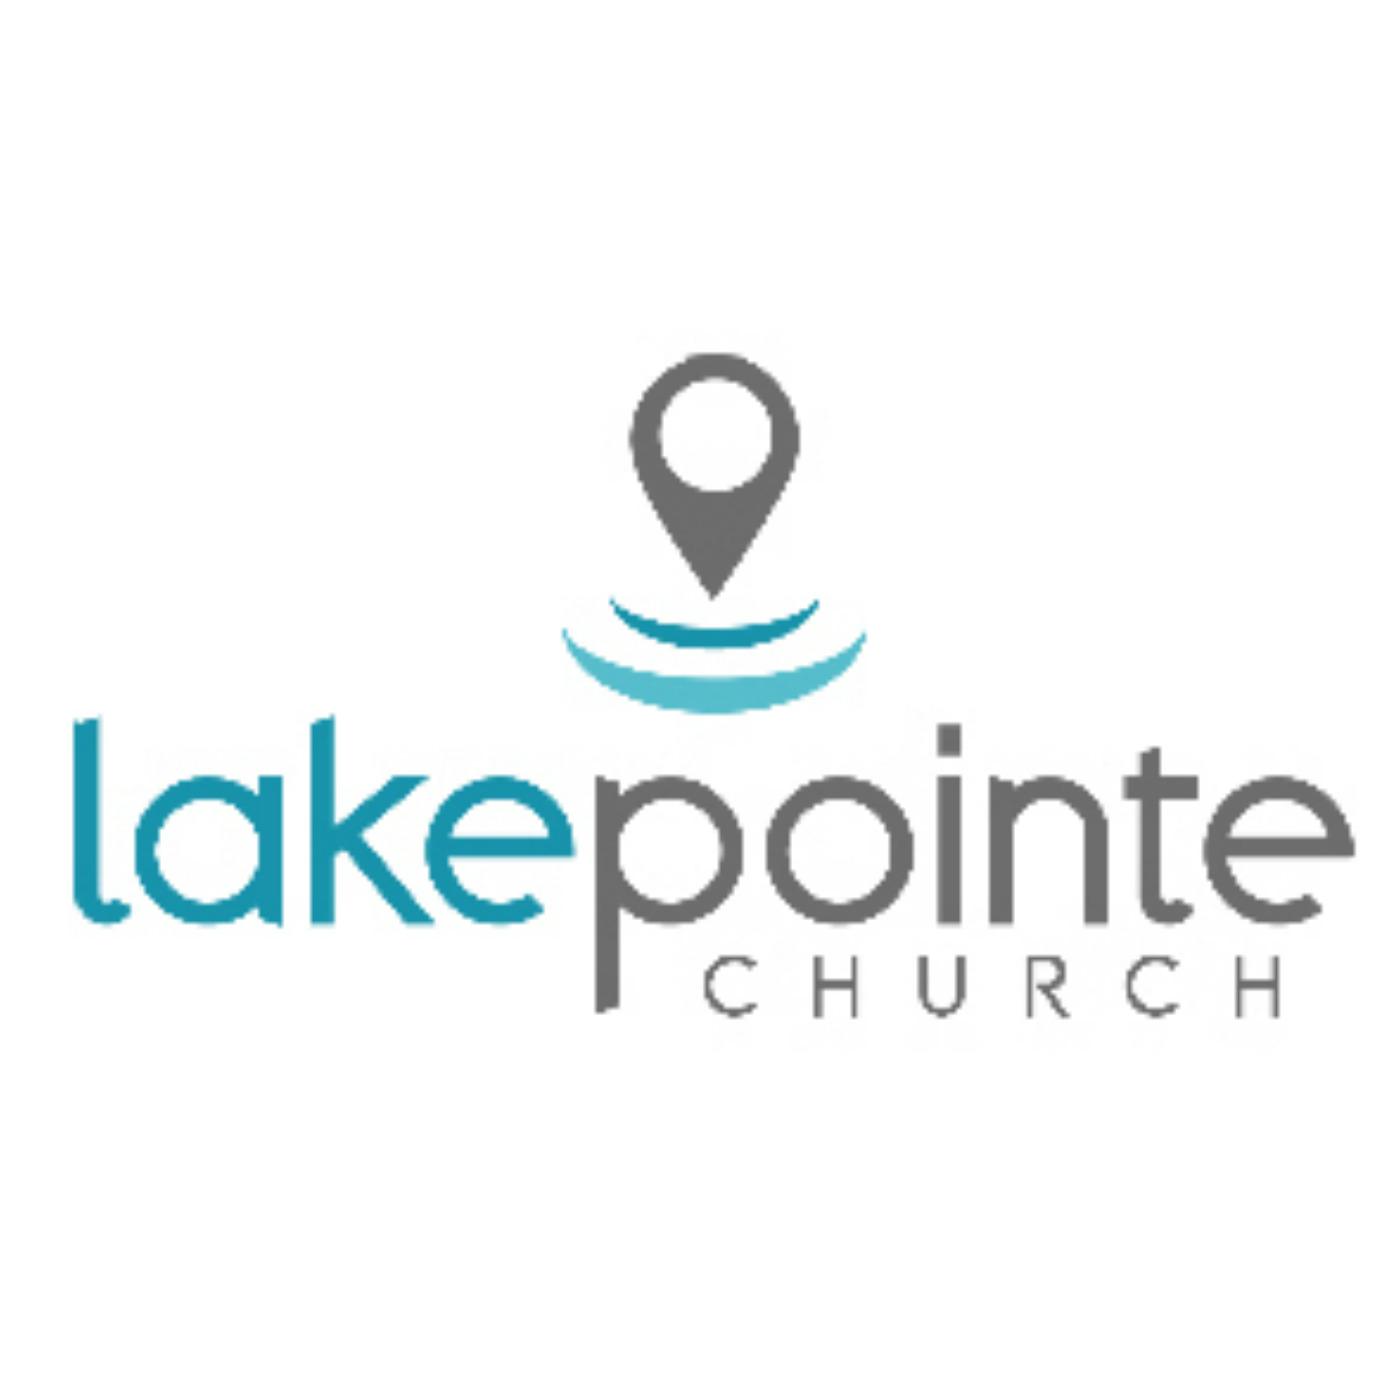 Lakepointe Church